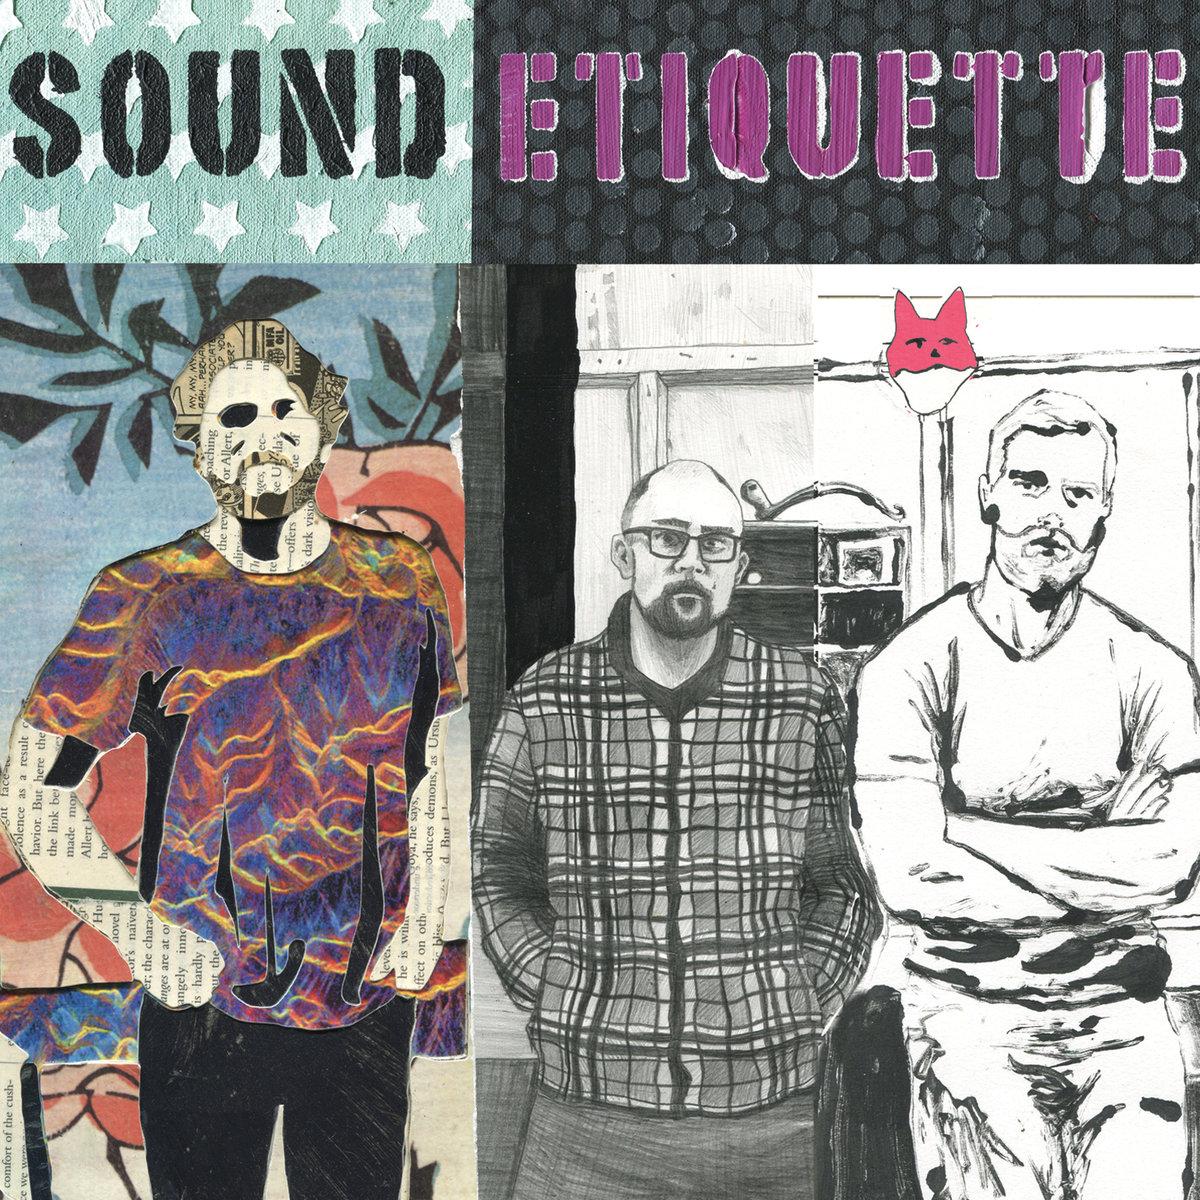 Sound Etiquette | Sound Etiquette